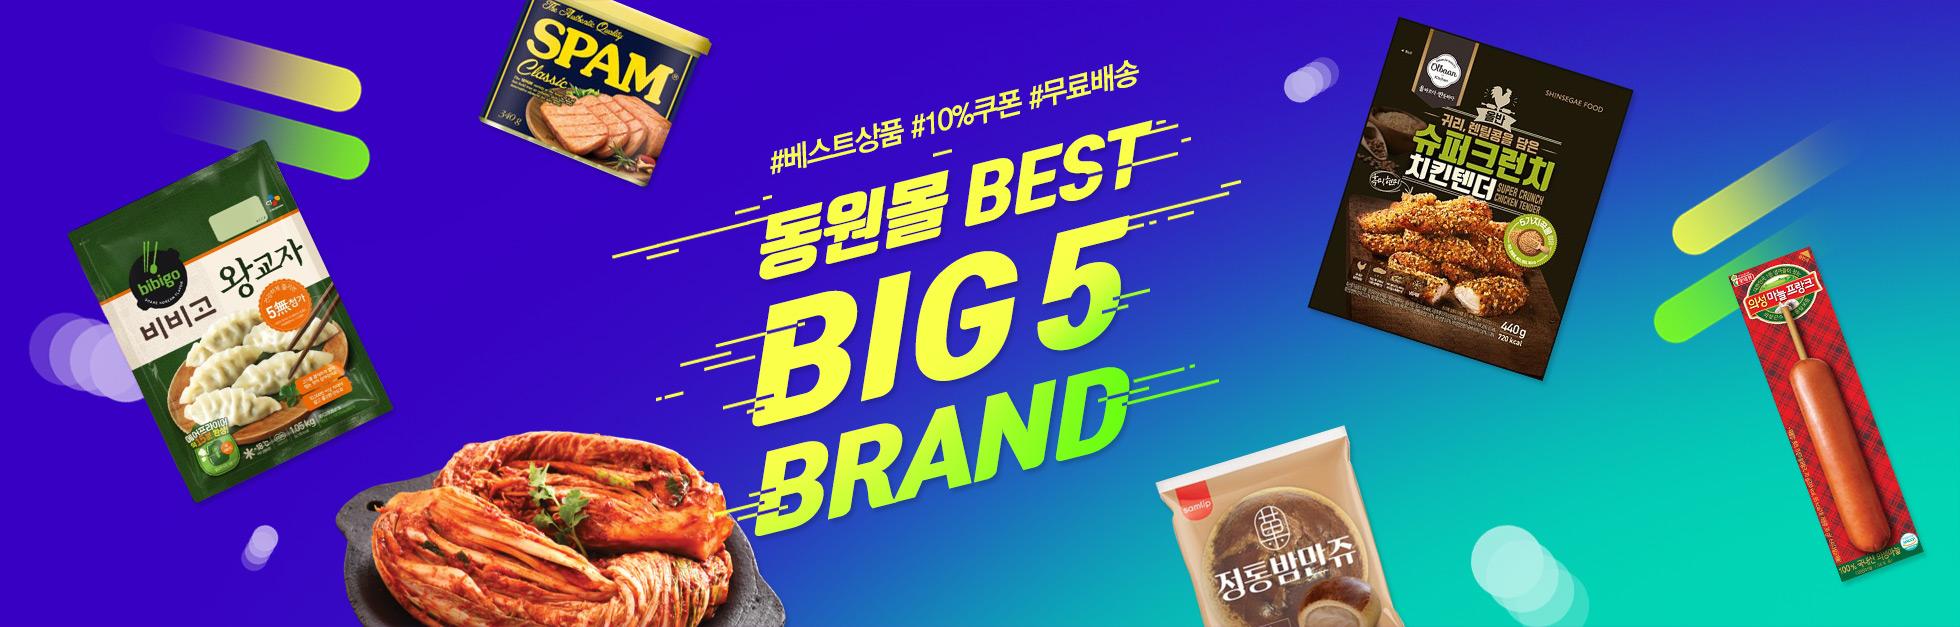 #베스트상품 #10%쿠폰 #무료배송 동원몰 BEST BIG 5 BRAND